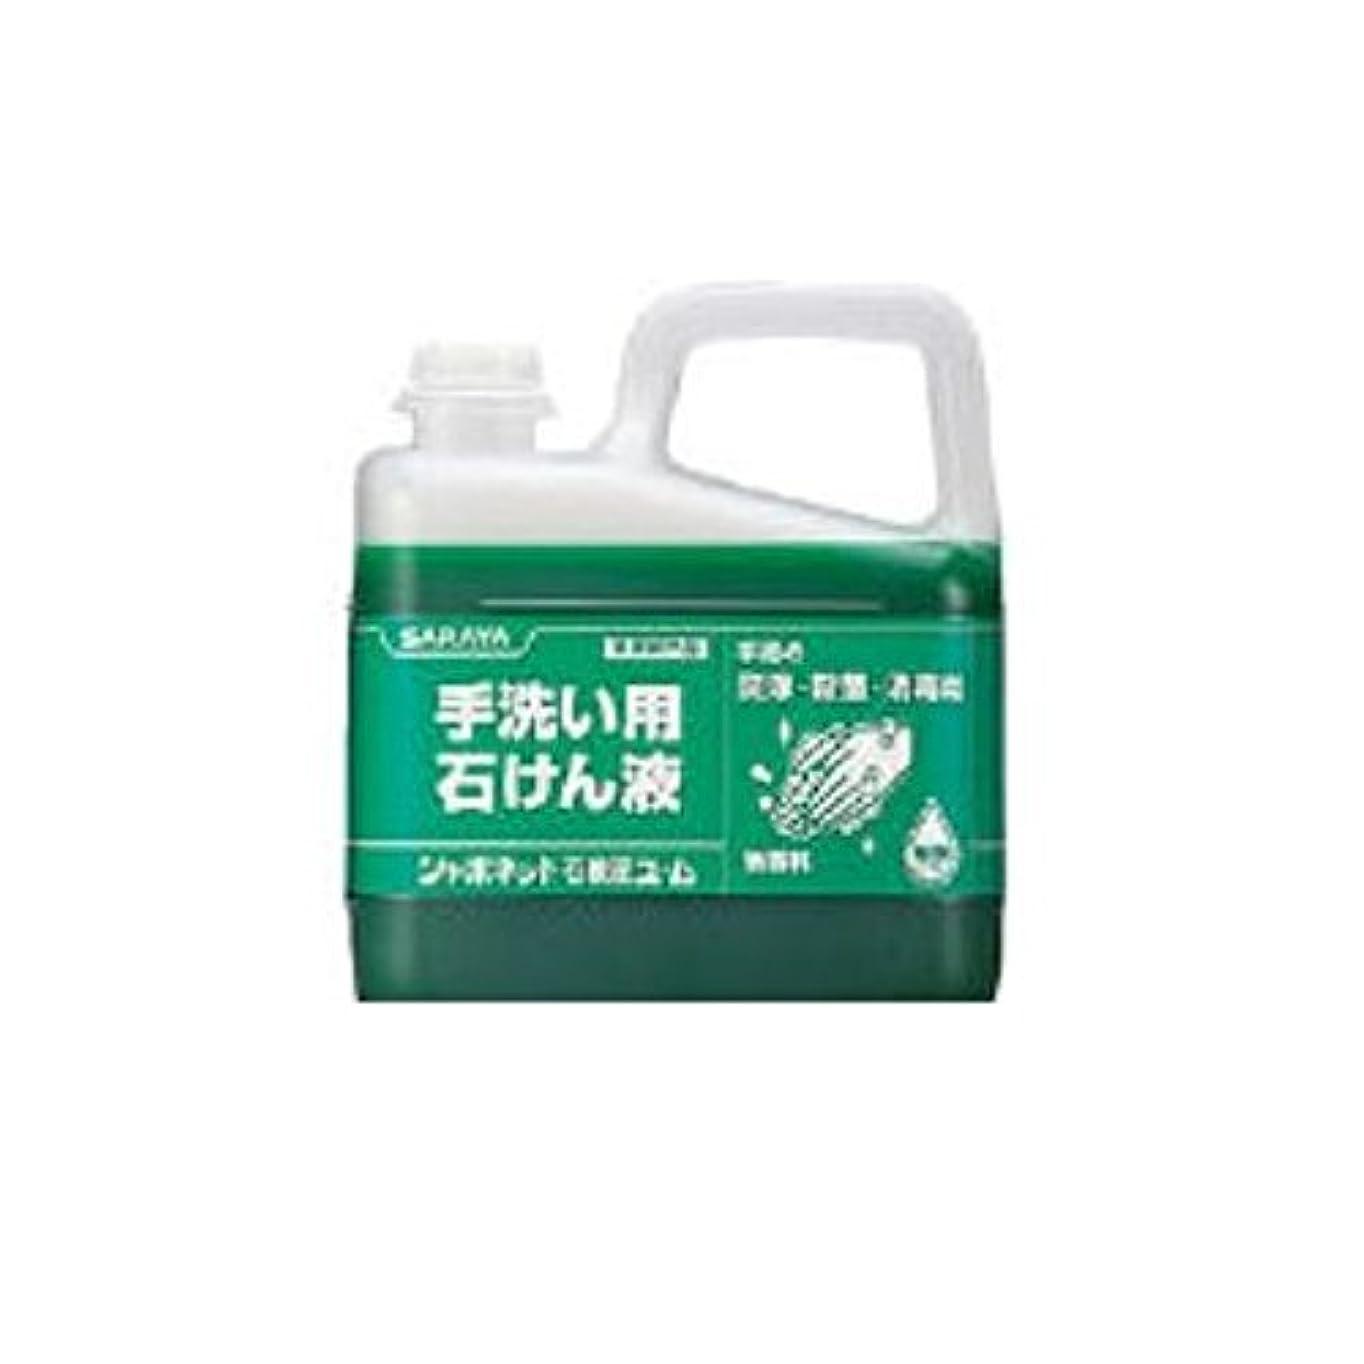 ぼかすすごいかもめFU50524 ハンドソープ シャボネット石鹸液ユ?ム 5kg